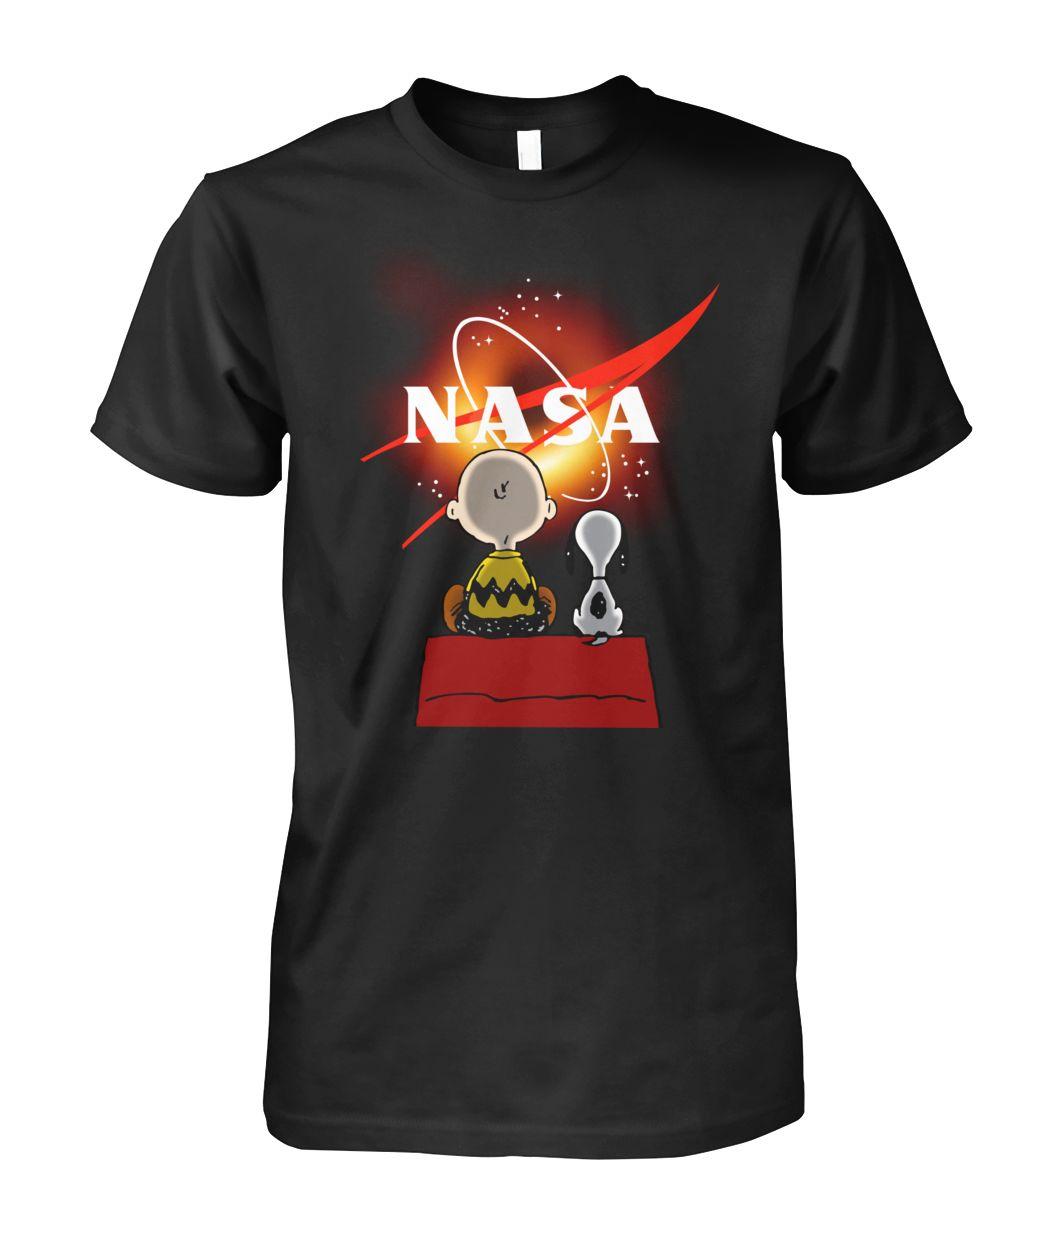 [Hot version] Snoopy and charlie brown black hole NASA shirt